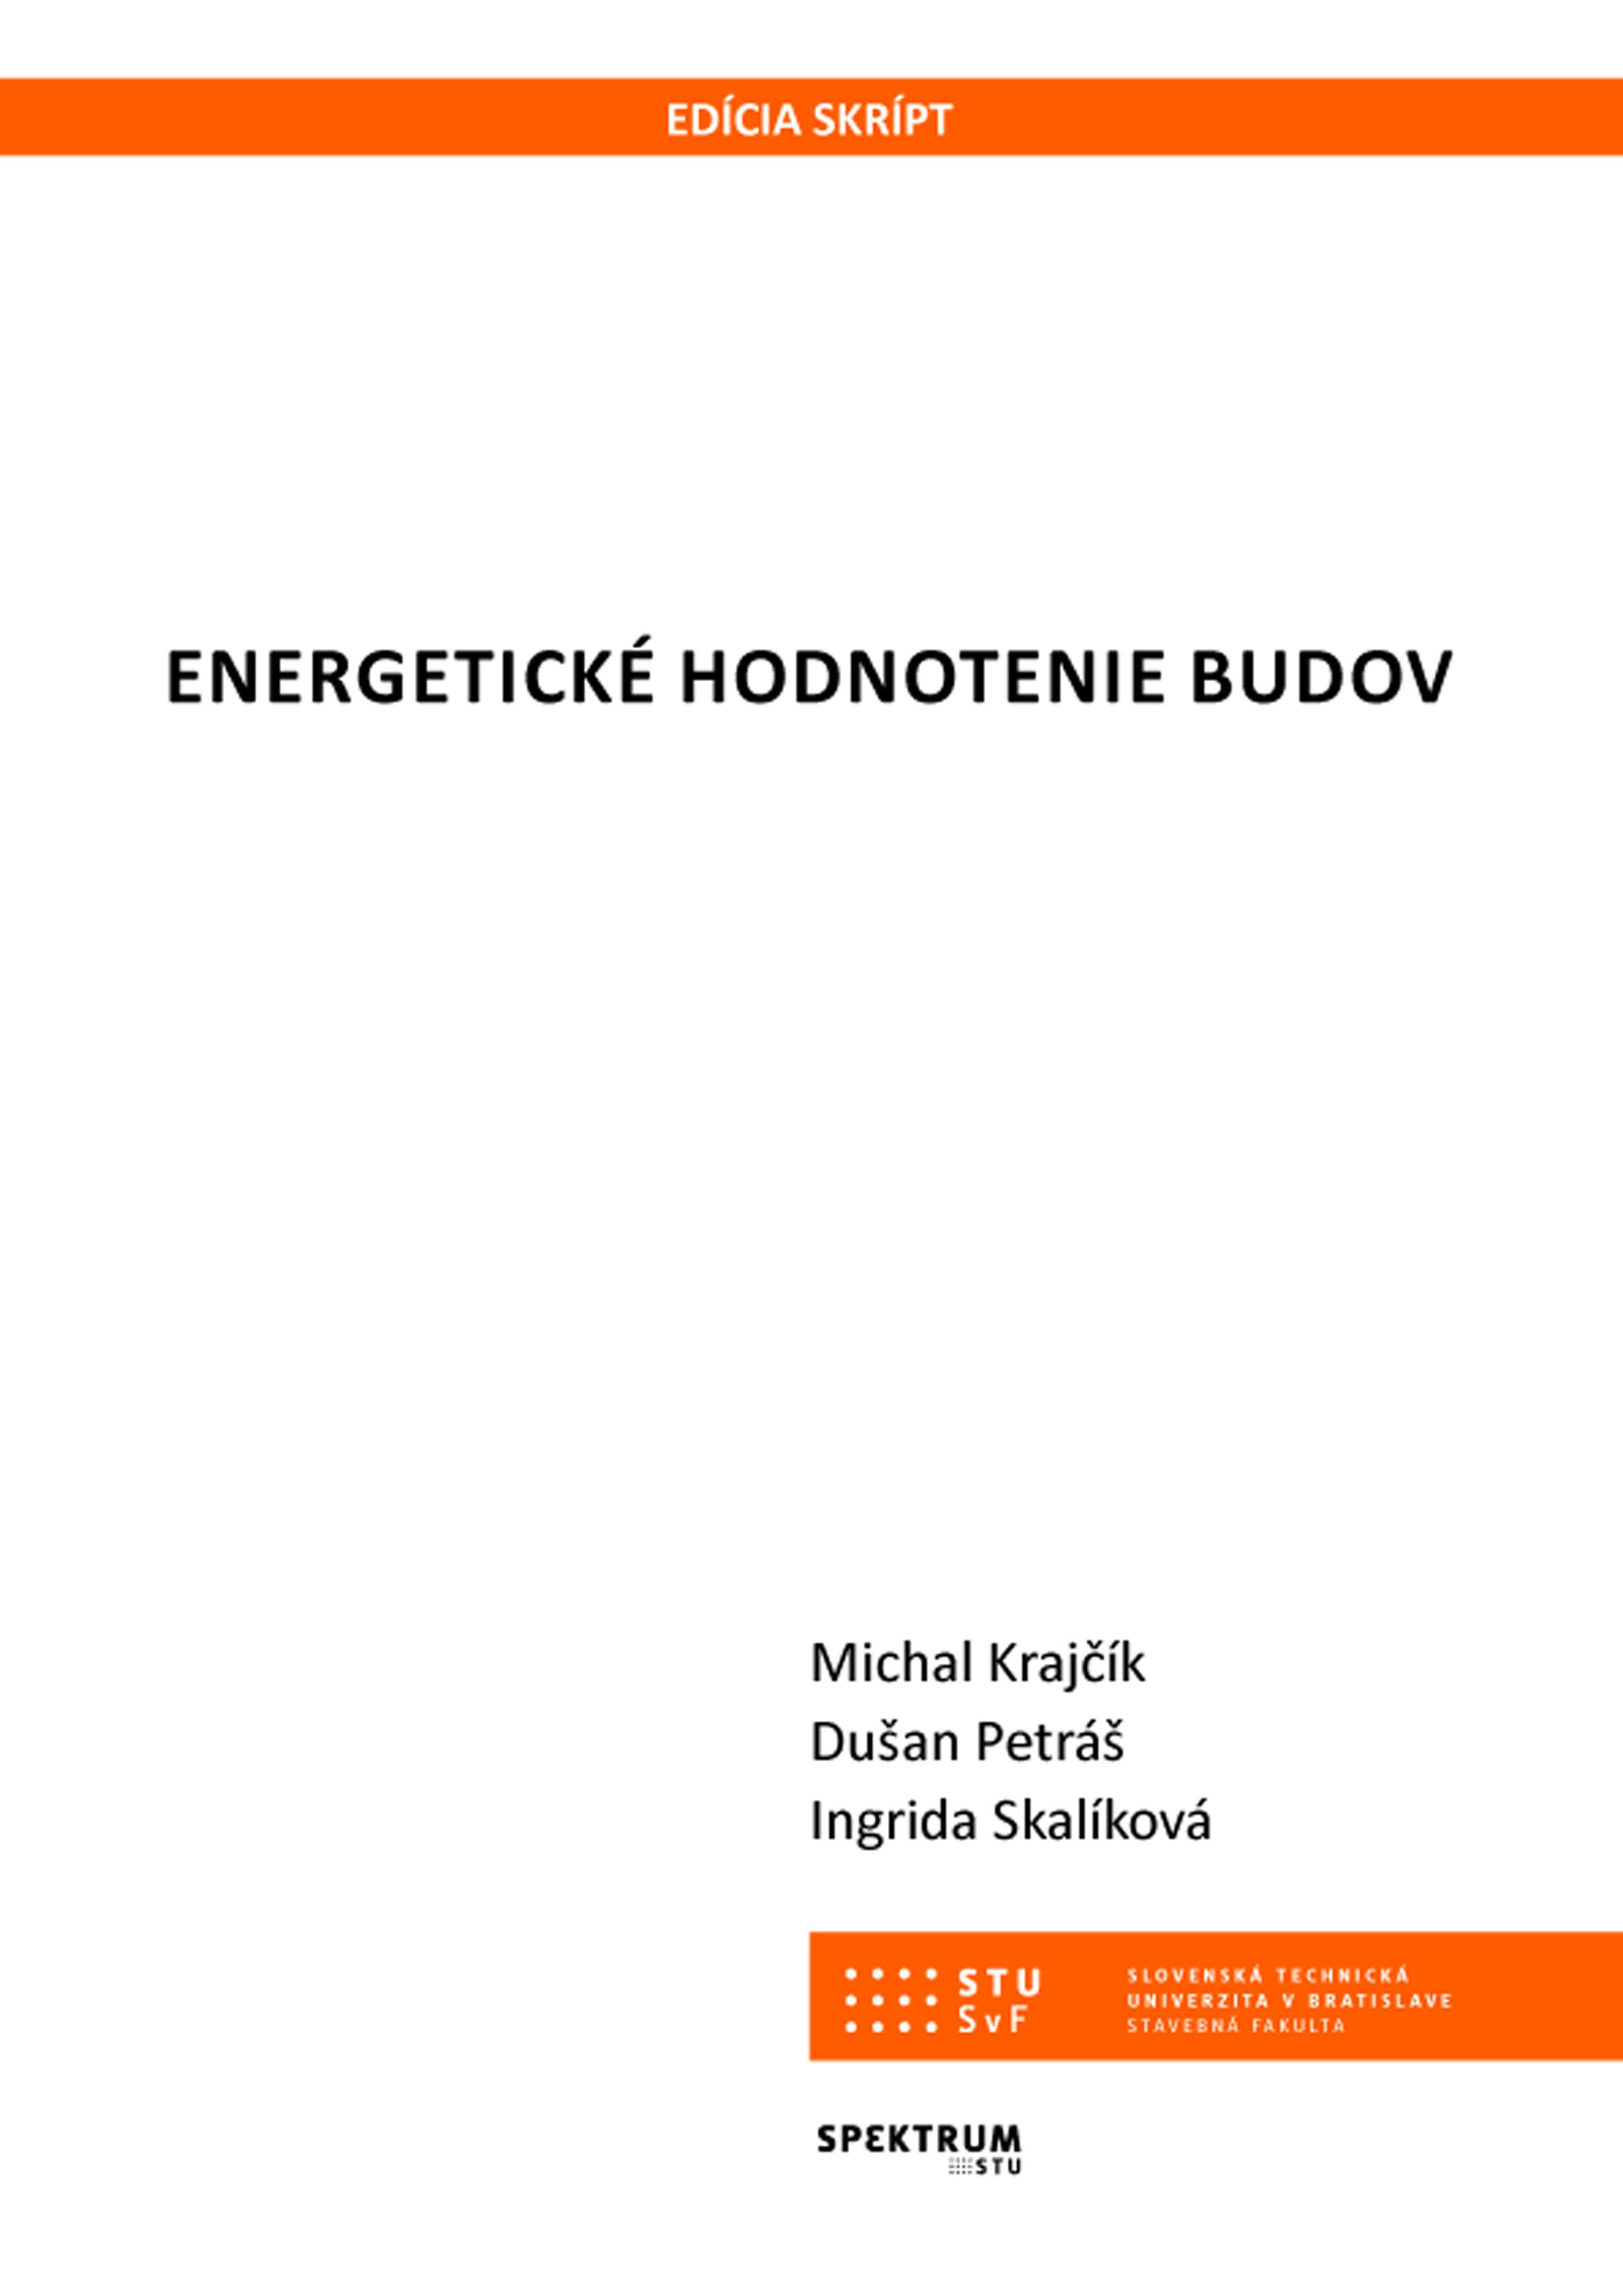 Energetické hodnotenie budov 1